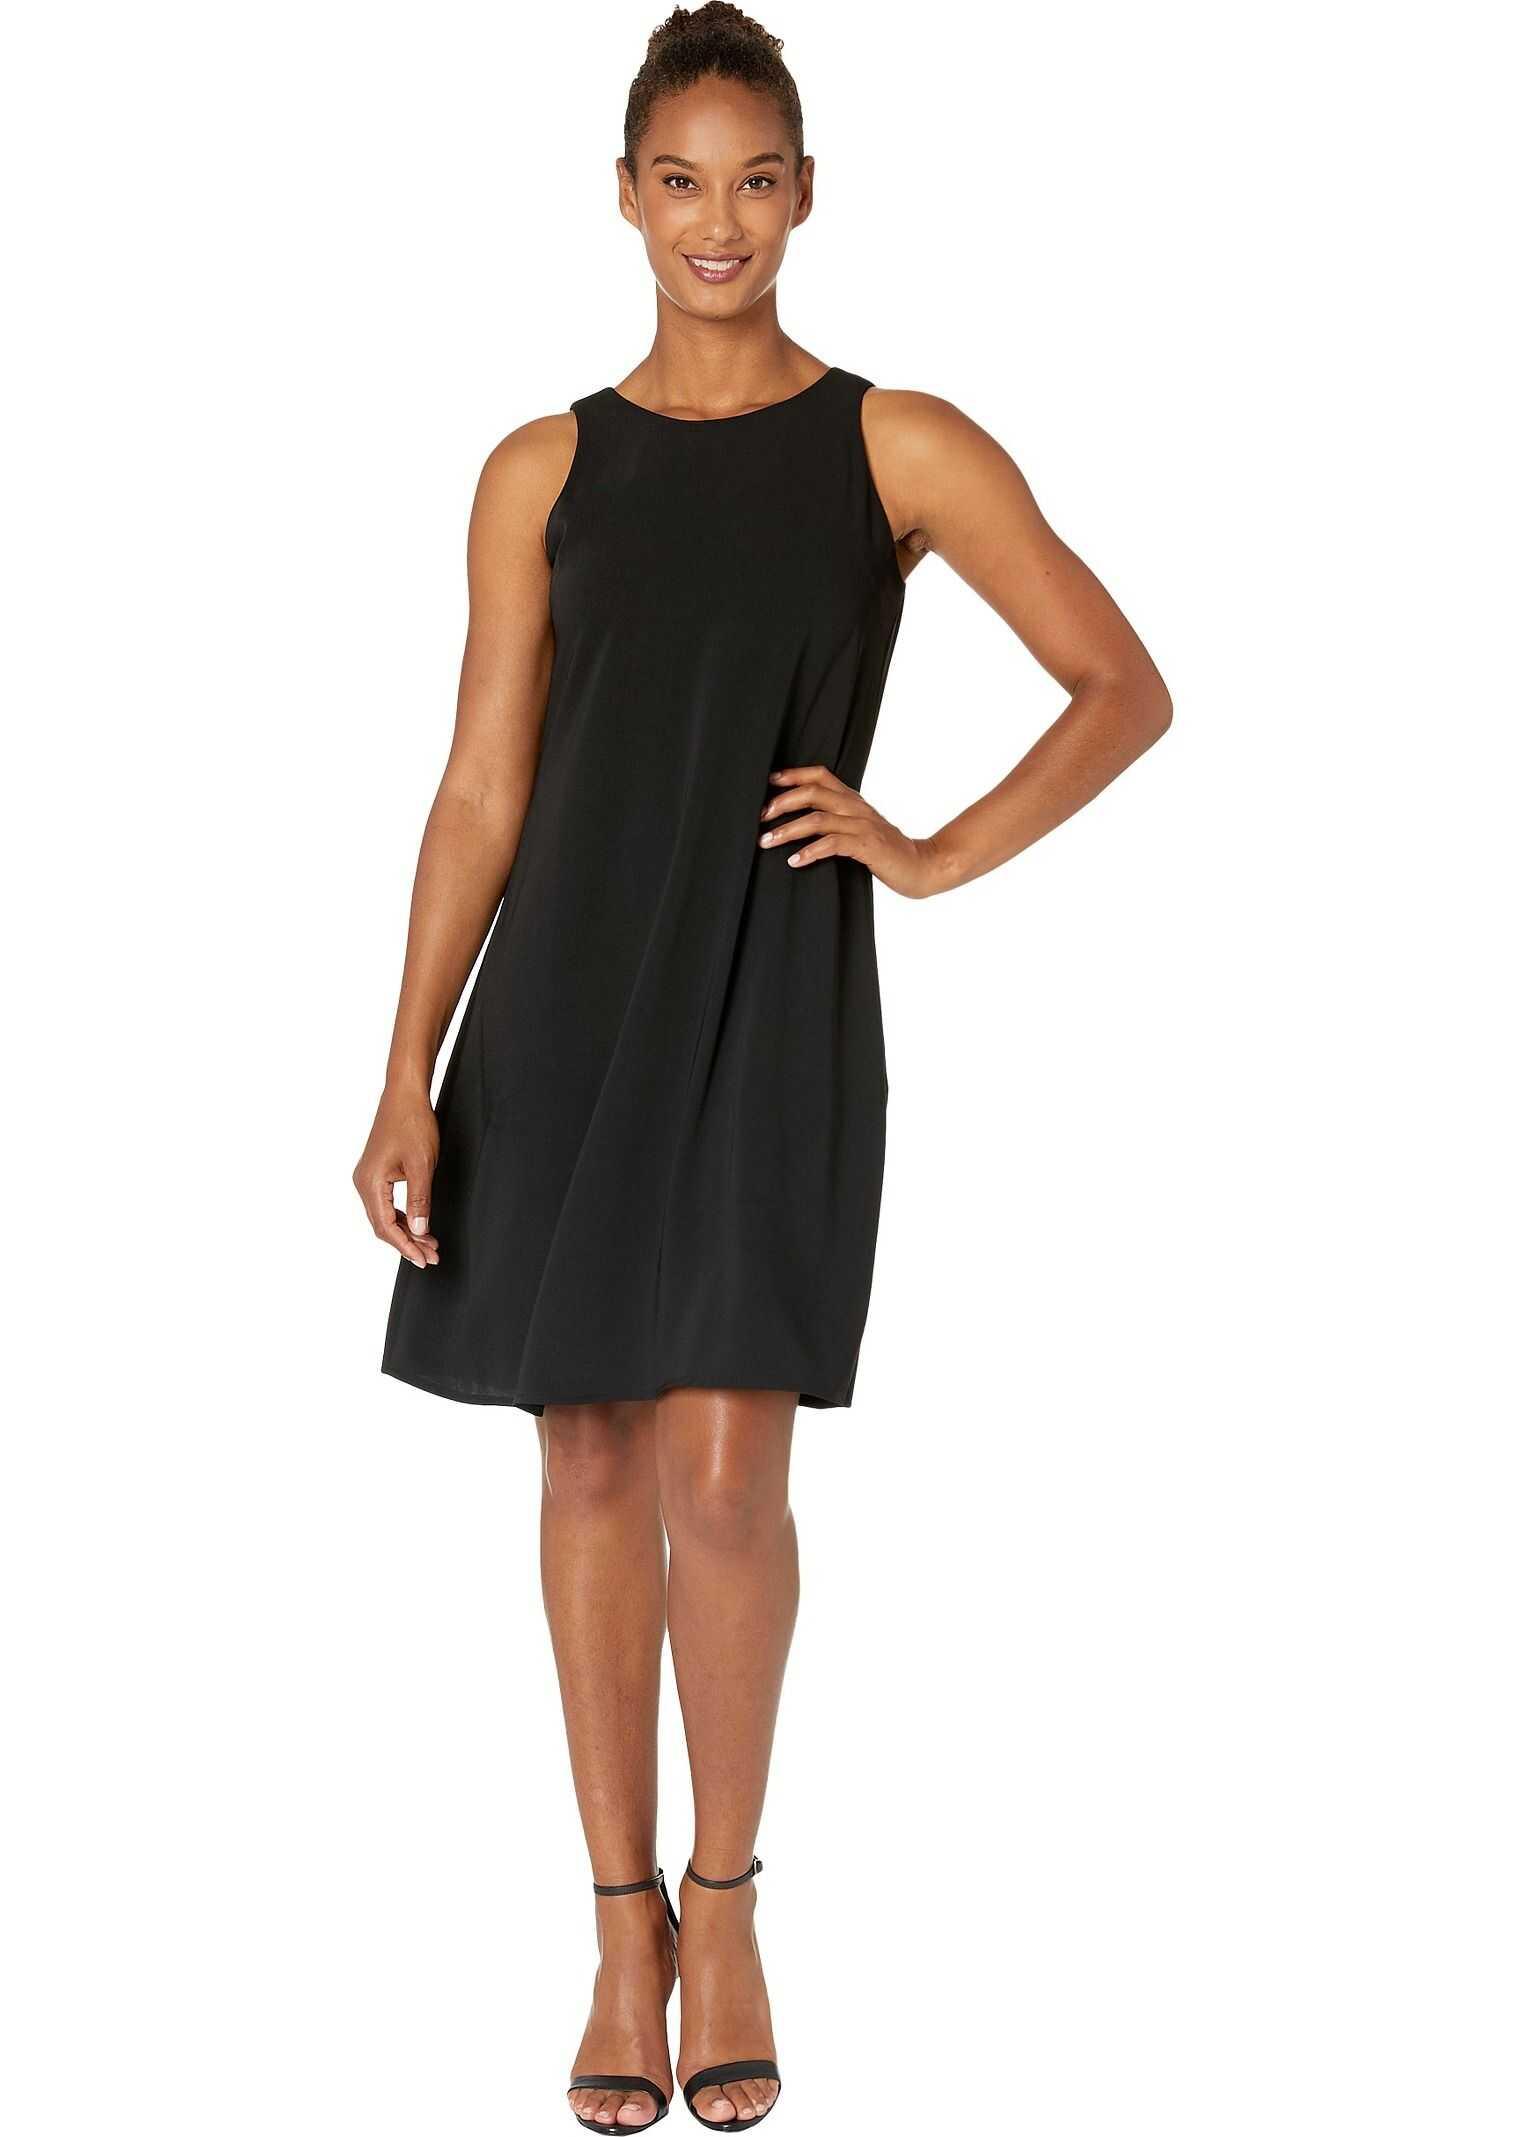 Nine West Soft Crepe Sleeveless Trapeze Dress Black